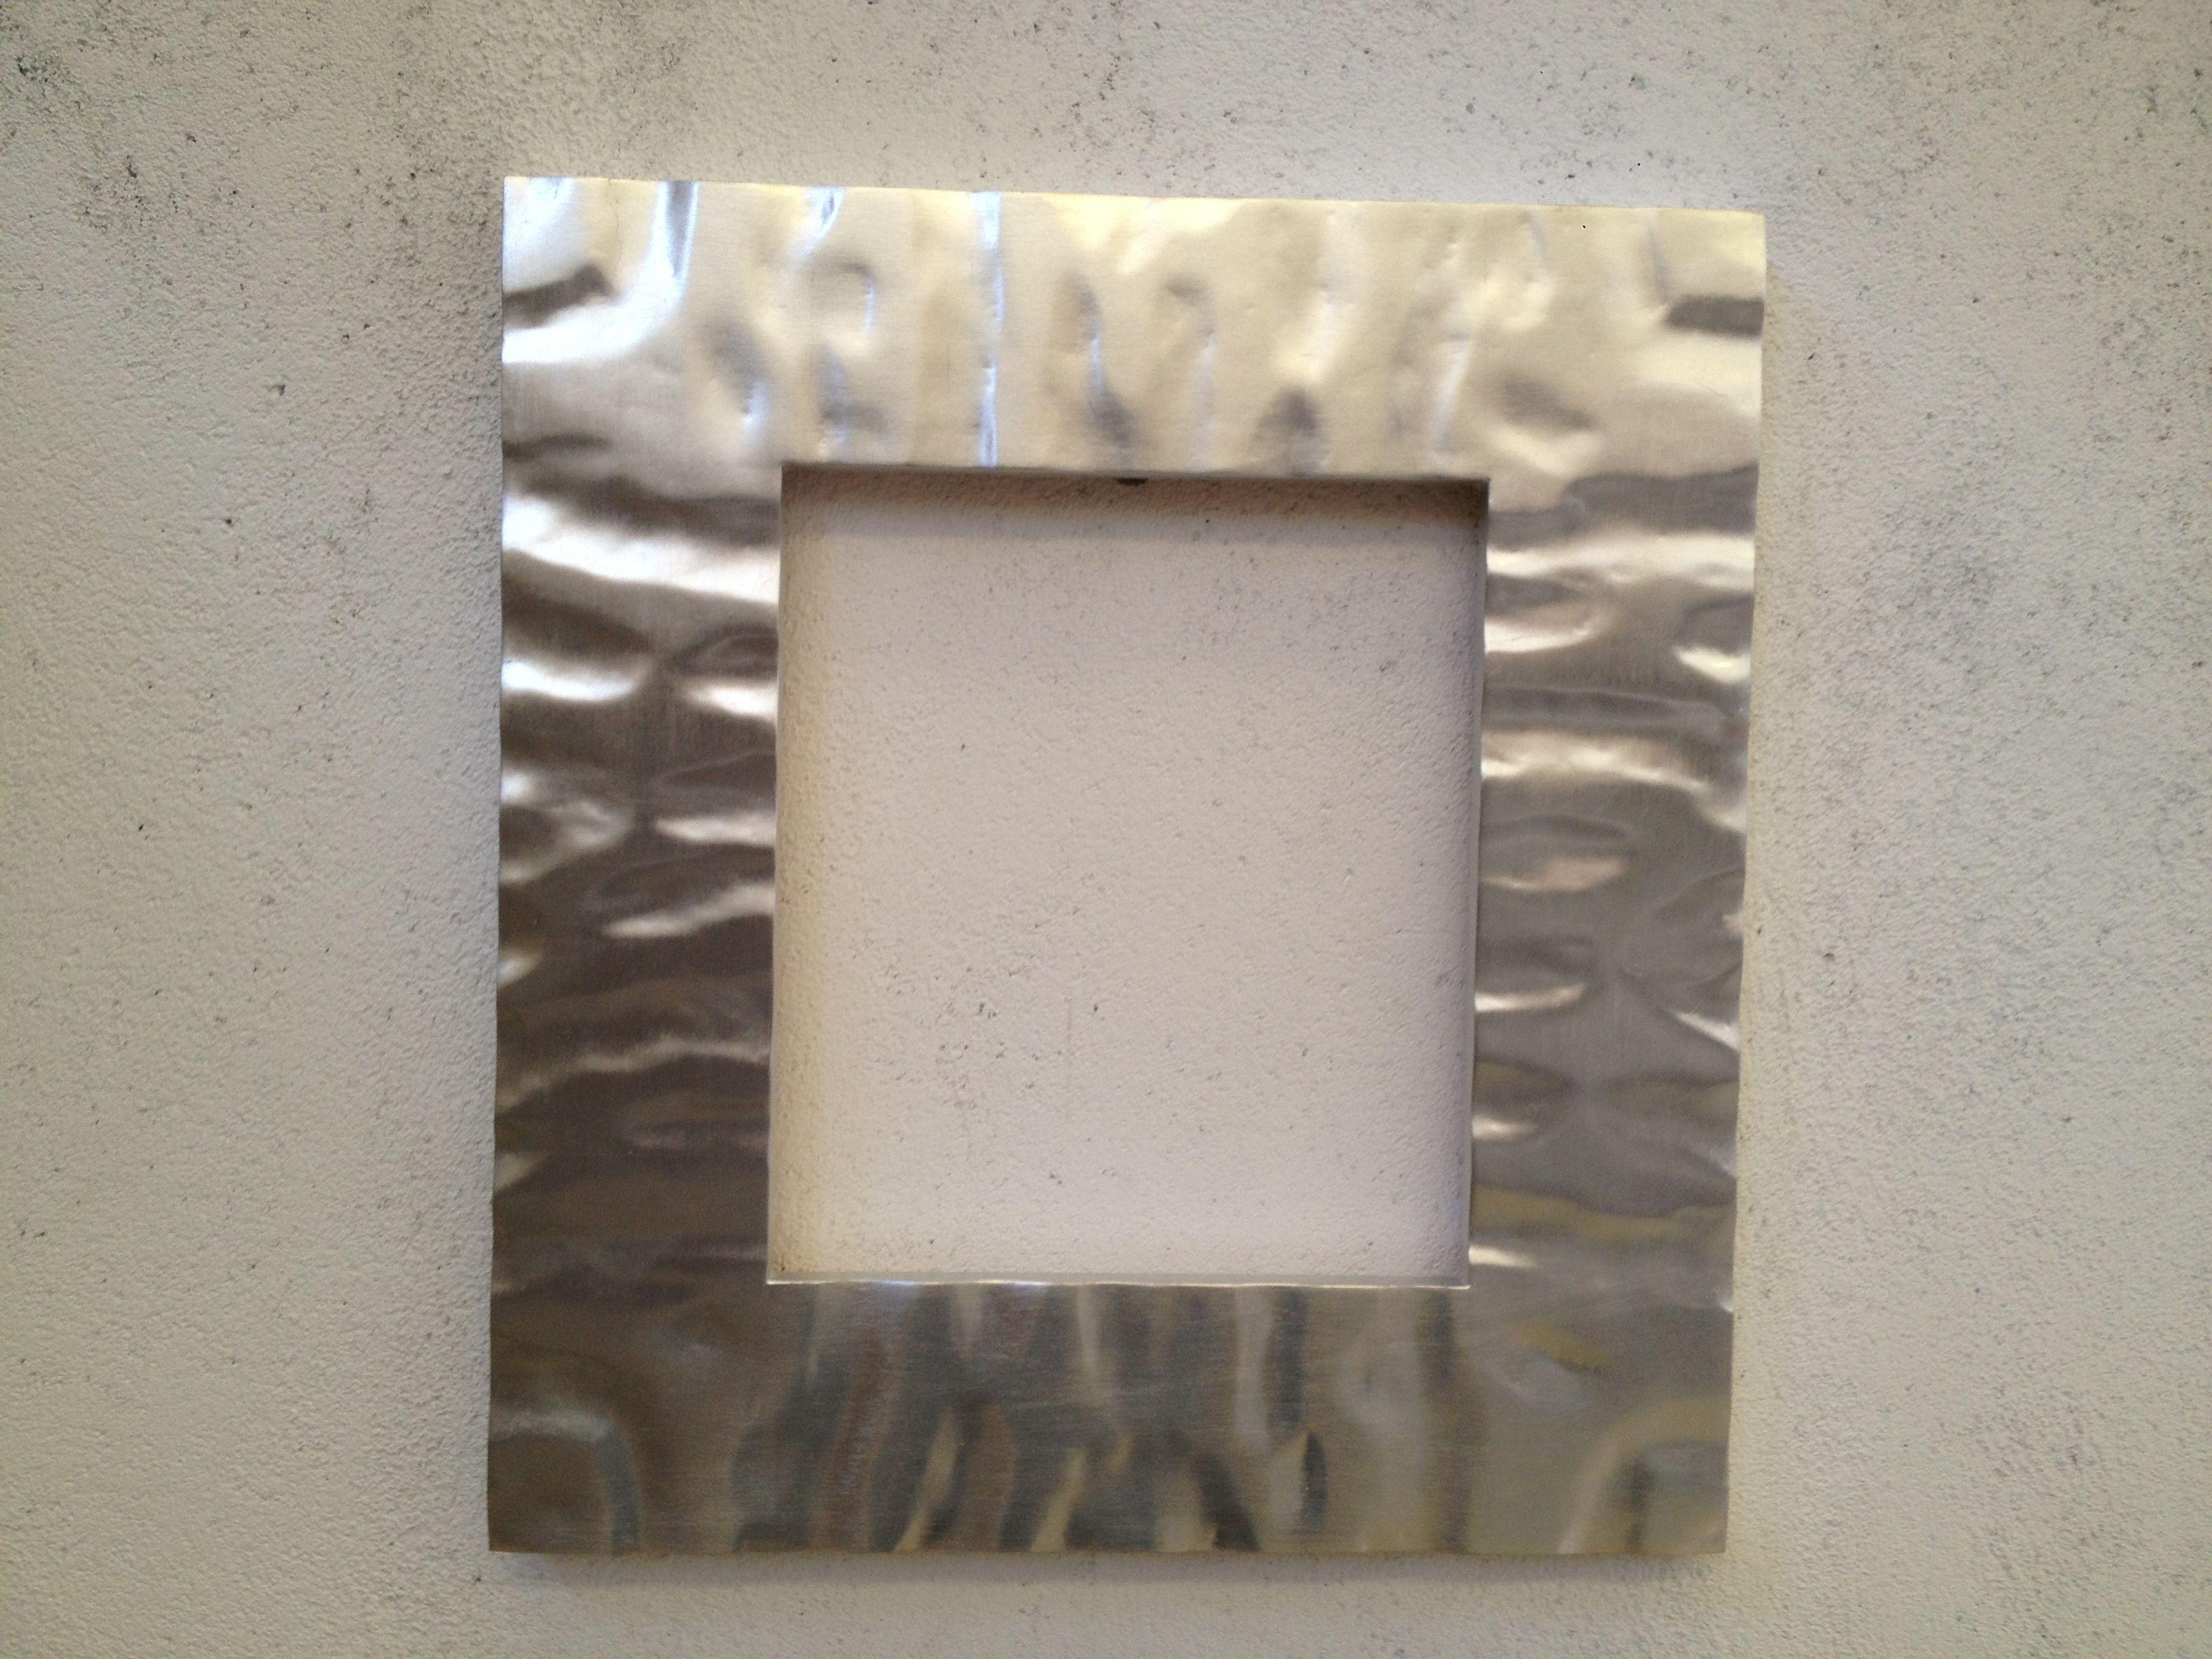 espejo moderno Marco.espejo moderno en pan de plata.Diseño muy ...